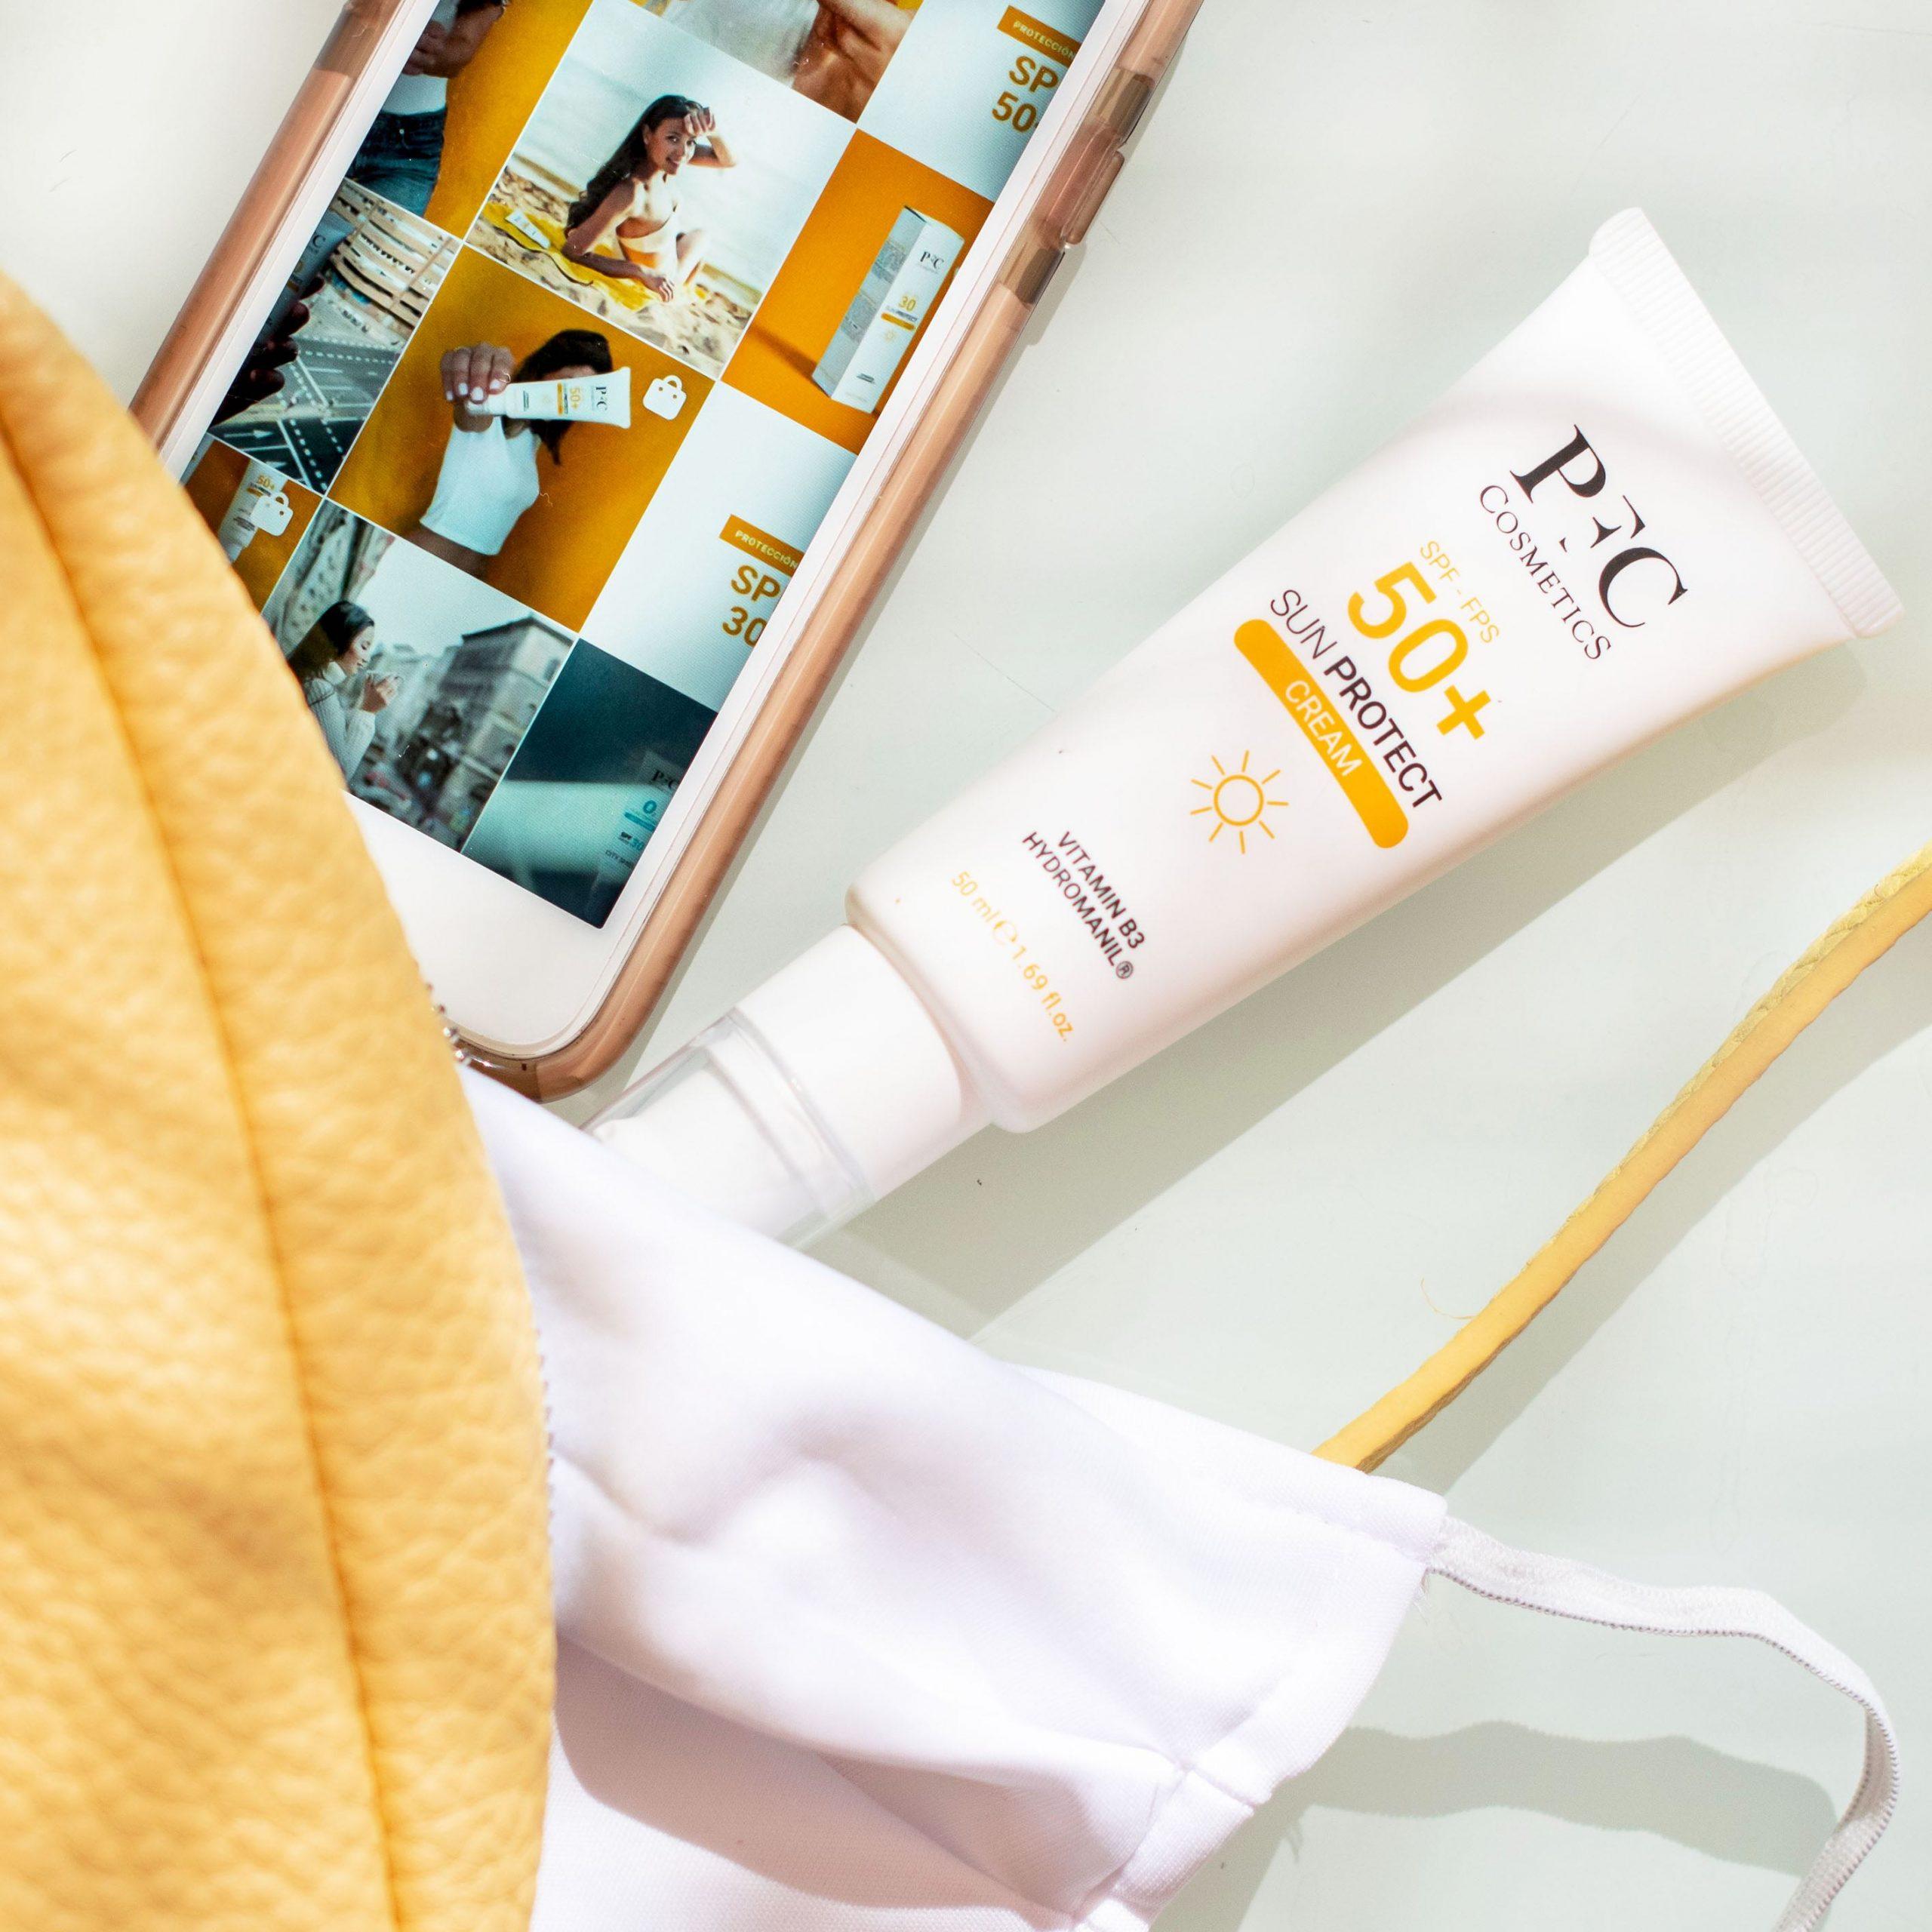 Línea solar de PFC Cosmetics